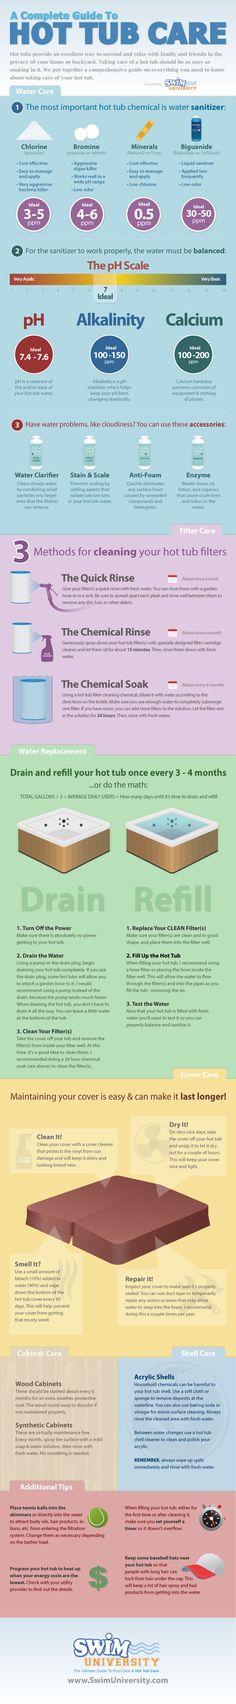 A Complete Guide To Hot Tub Care - Una guida completa per la manutenzione della vasca idromassaggio                                                                                                                                                                                 More